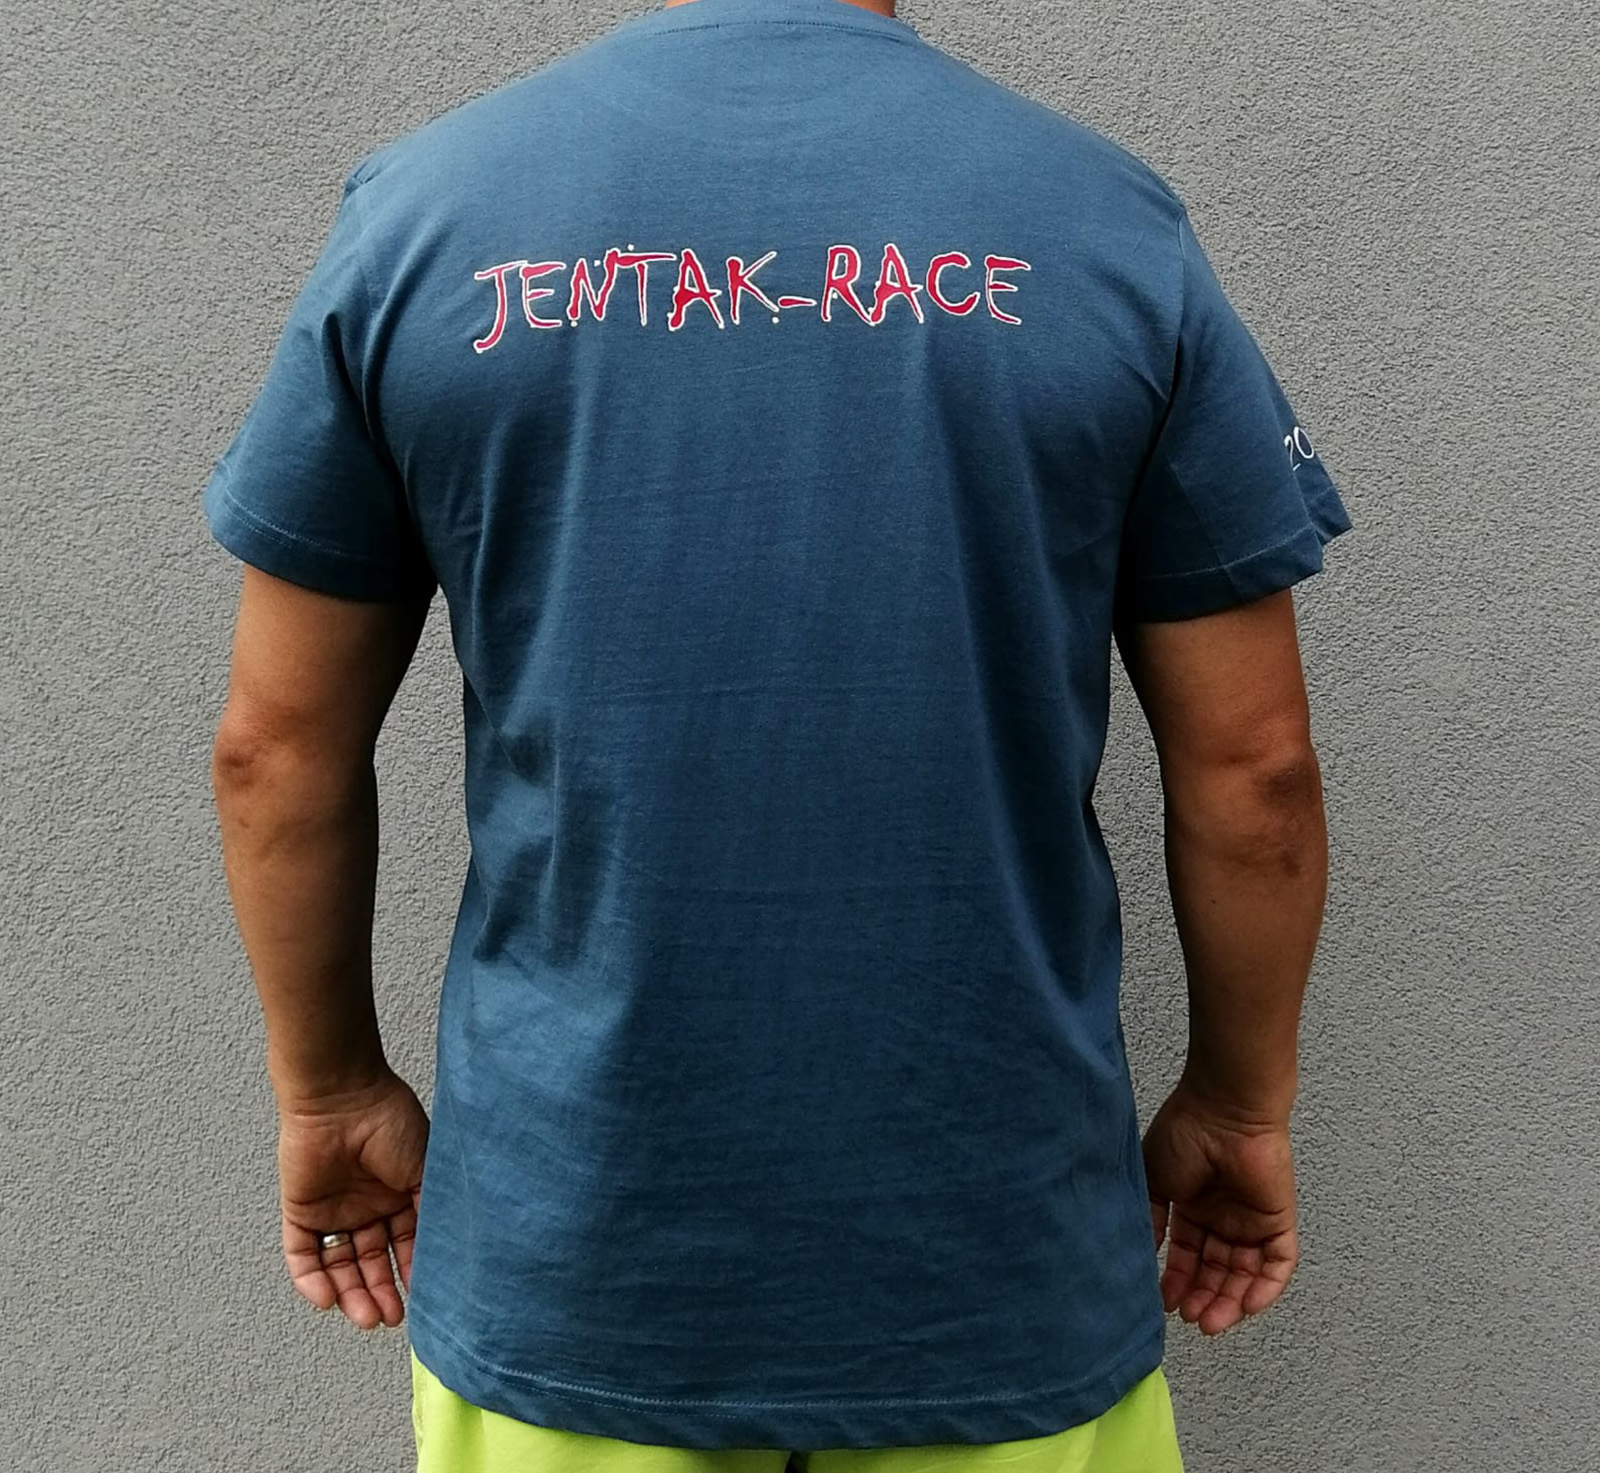 https://jentak-race.cz/wp-content/uploads/2020/08/IMG-20200712-WA0004.jpg